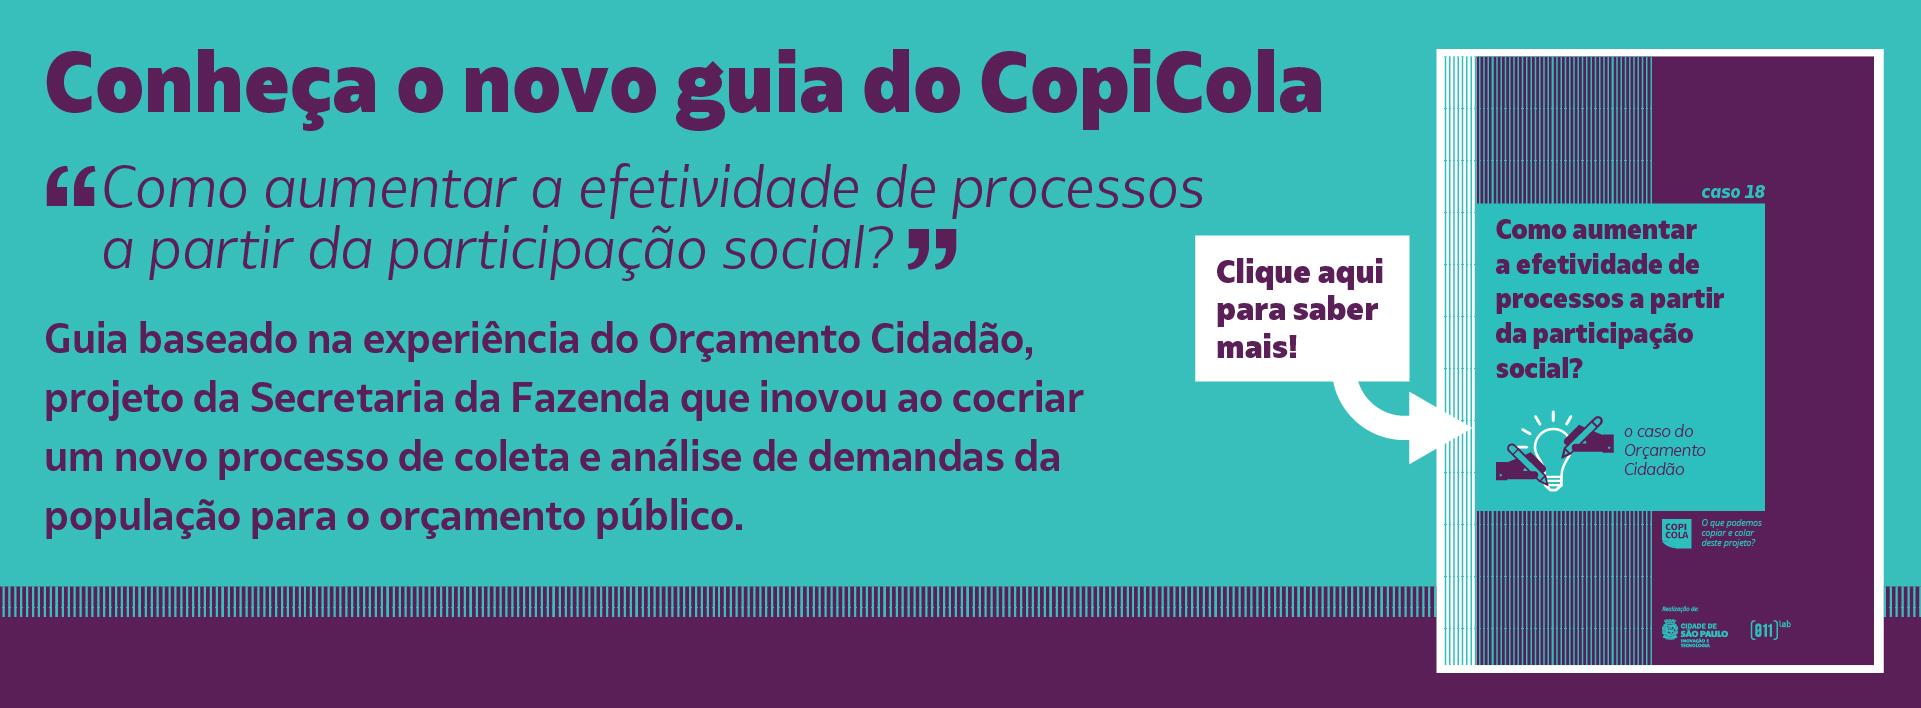 https://copicola.prefeitura.sp.gov.br/guias-publicados/orcamentocidadao